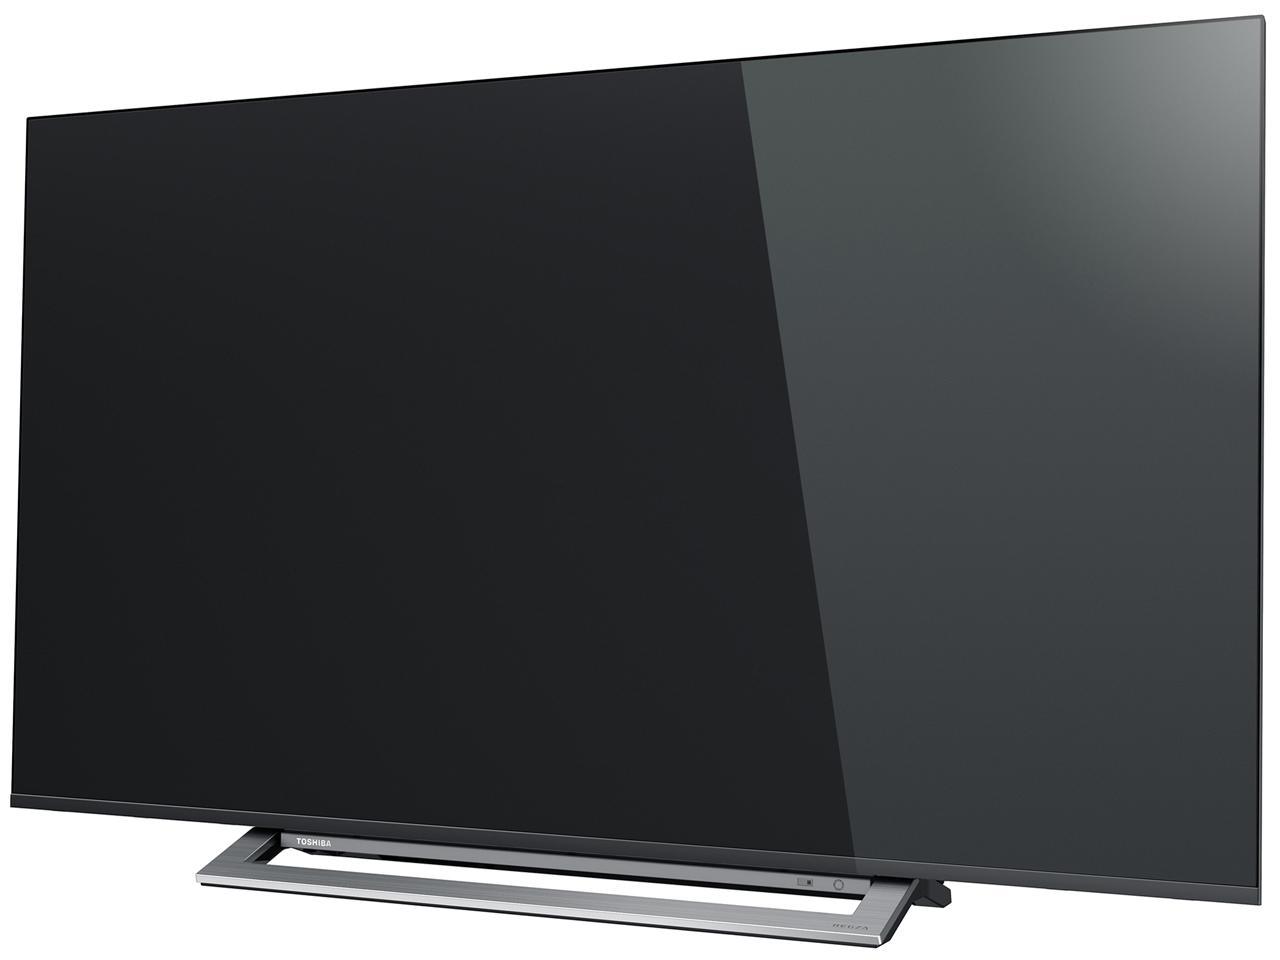 『本体 斜め』 REGZA 50M530X [50インチ] の製品画像